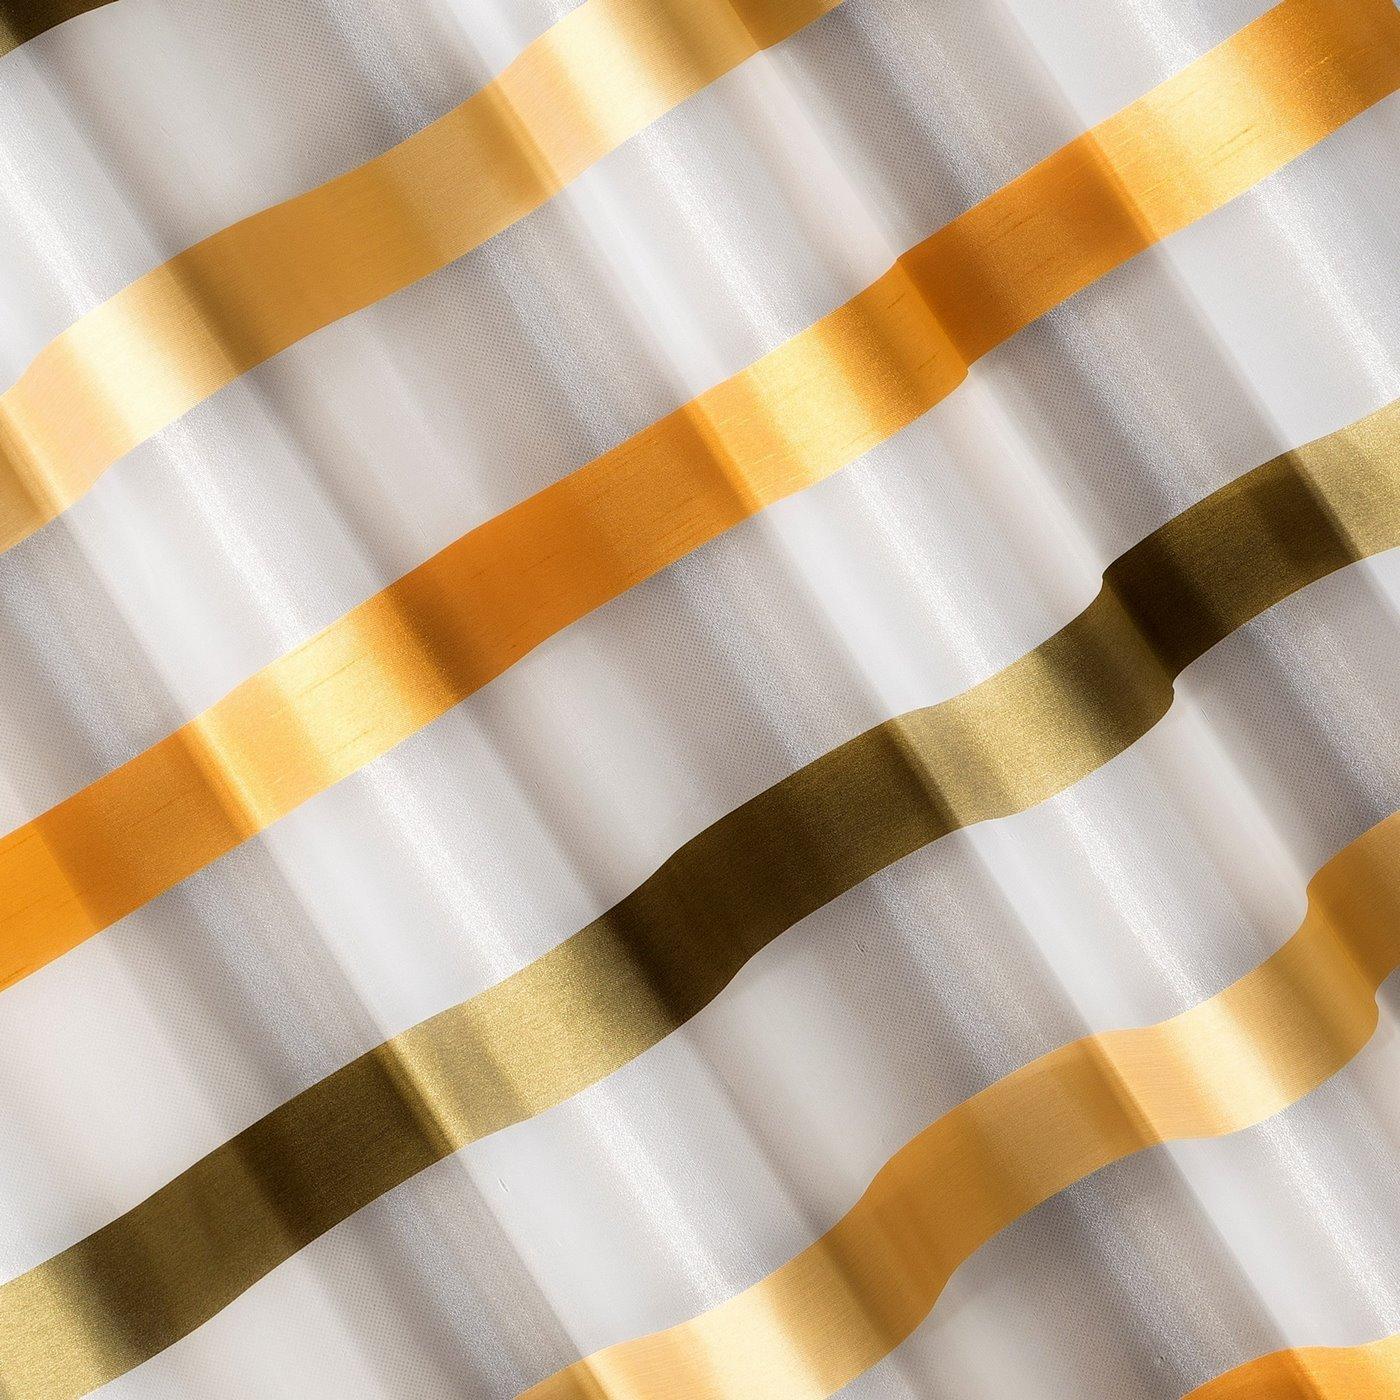 Zasłona półprzejrzysta na przelotkach 140x250 cm